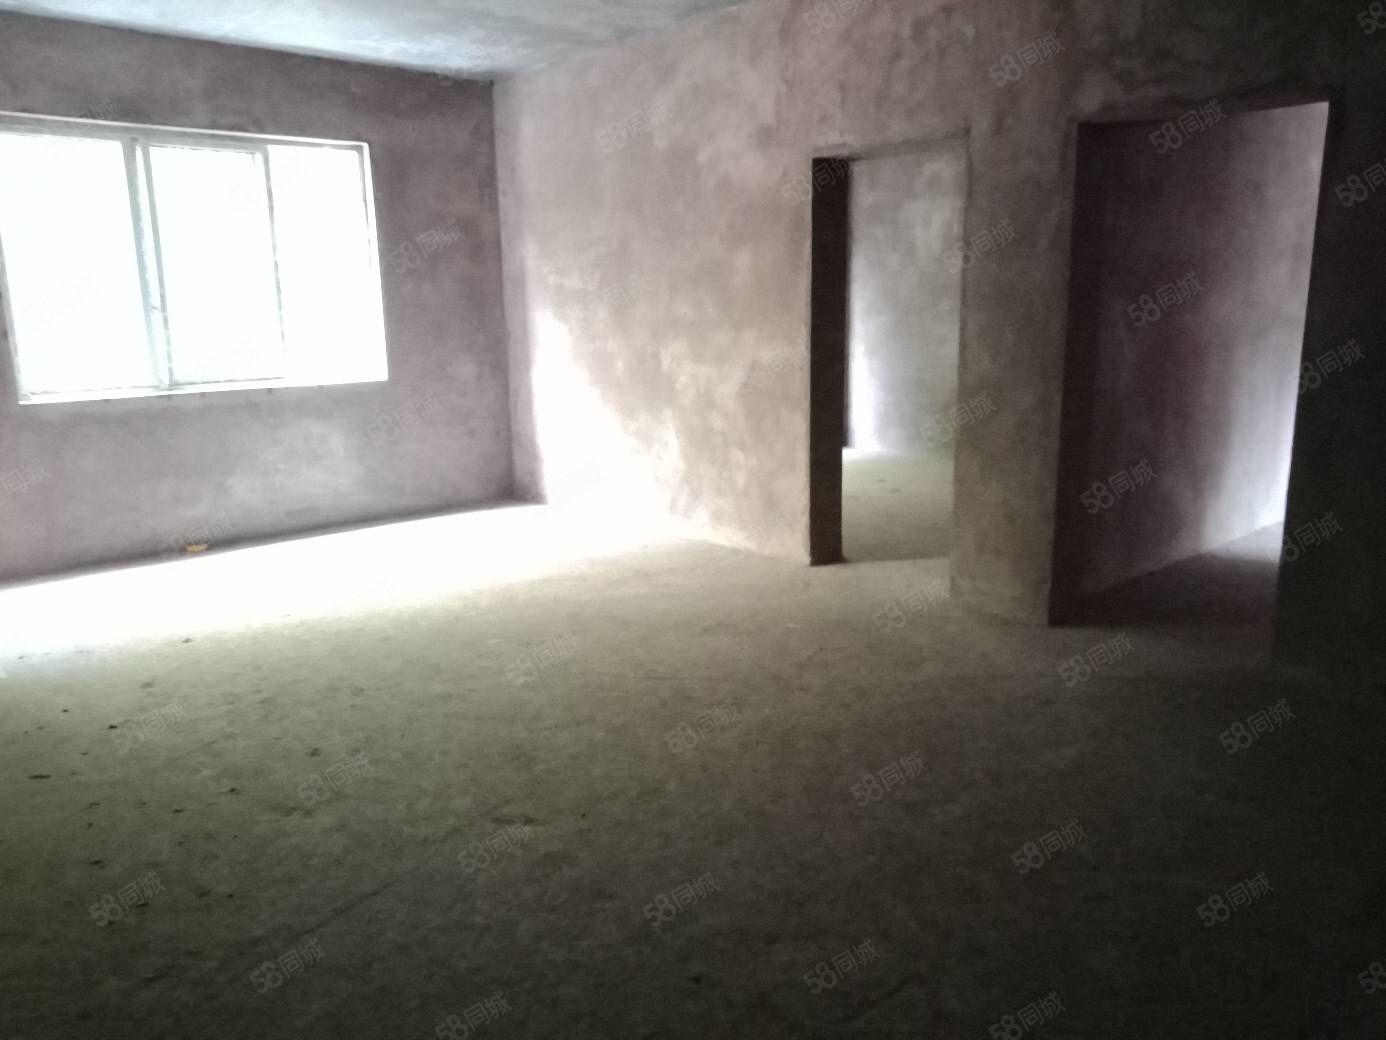 红军大道附近江源小区2室2厅1卫24.8万套急售